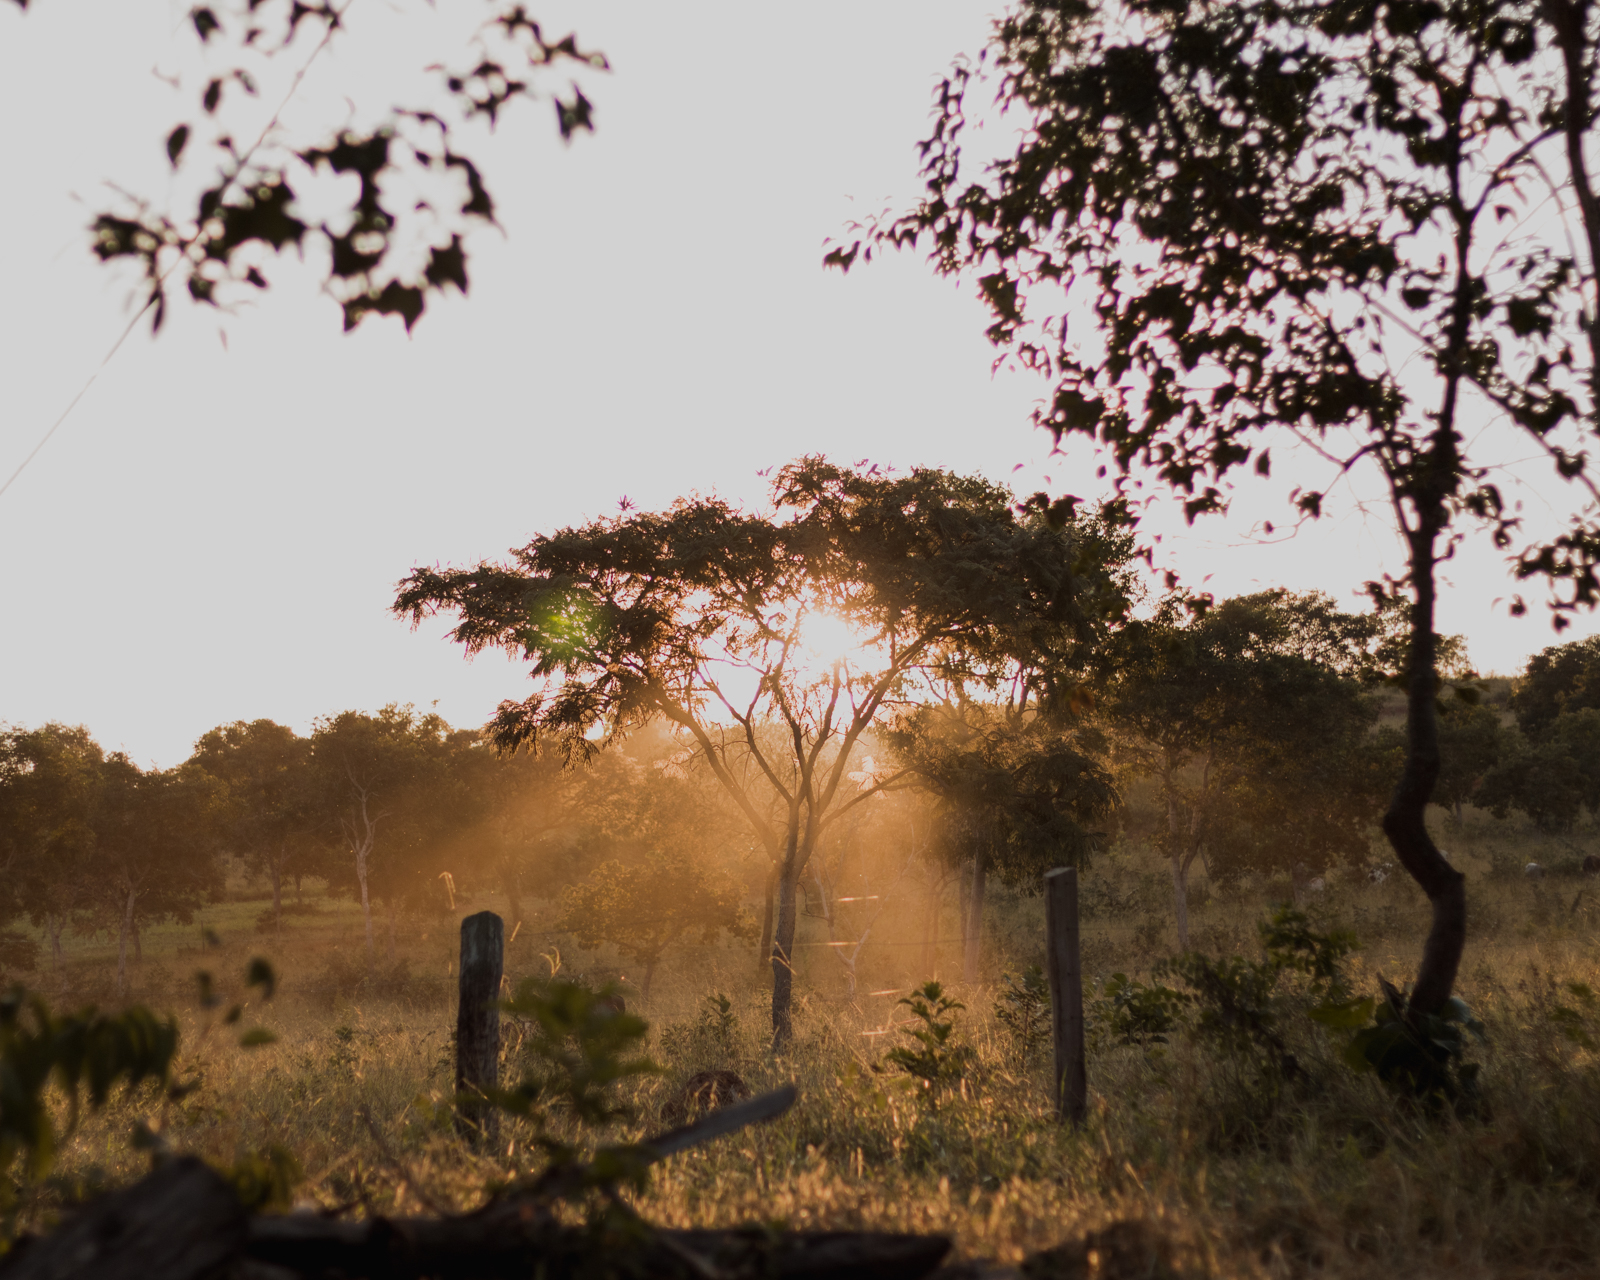 luz por do sol entre árvores